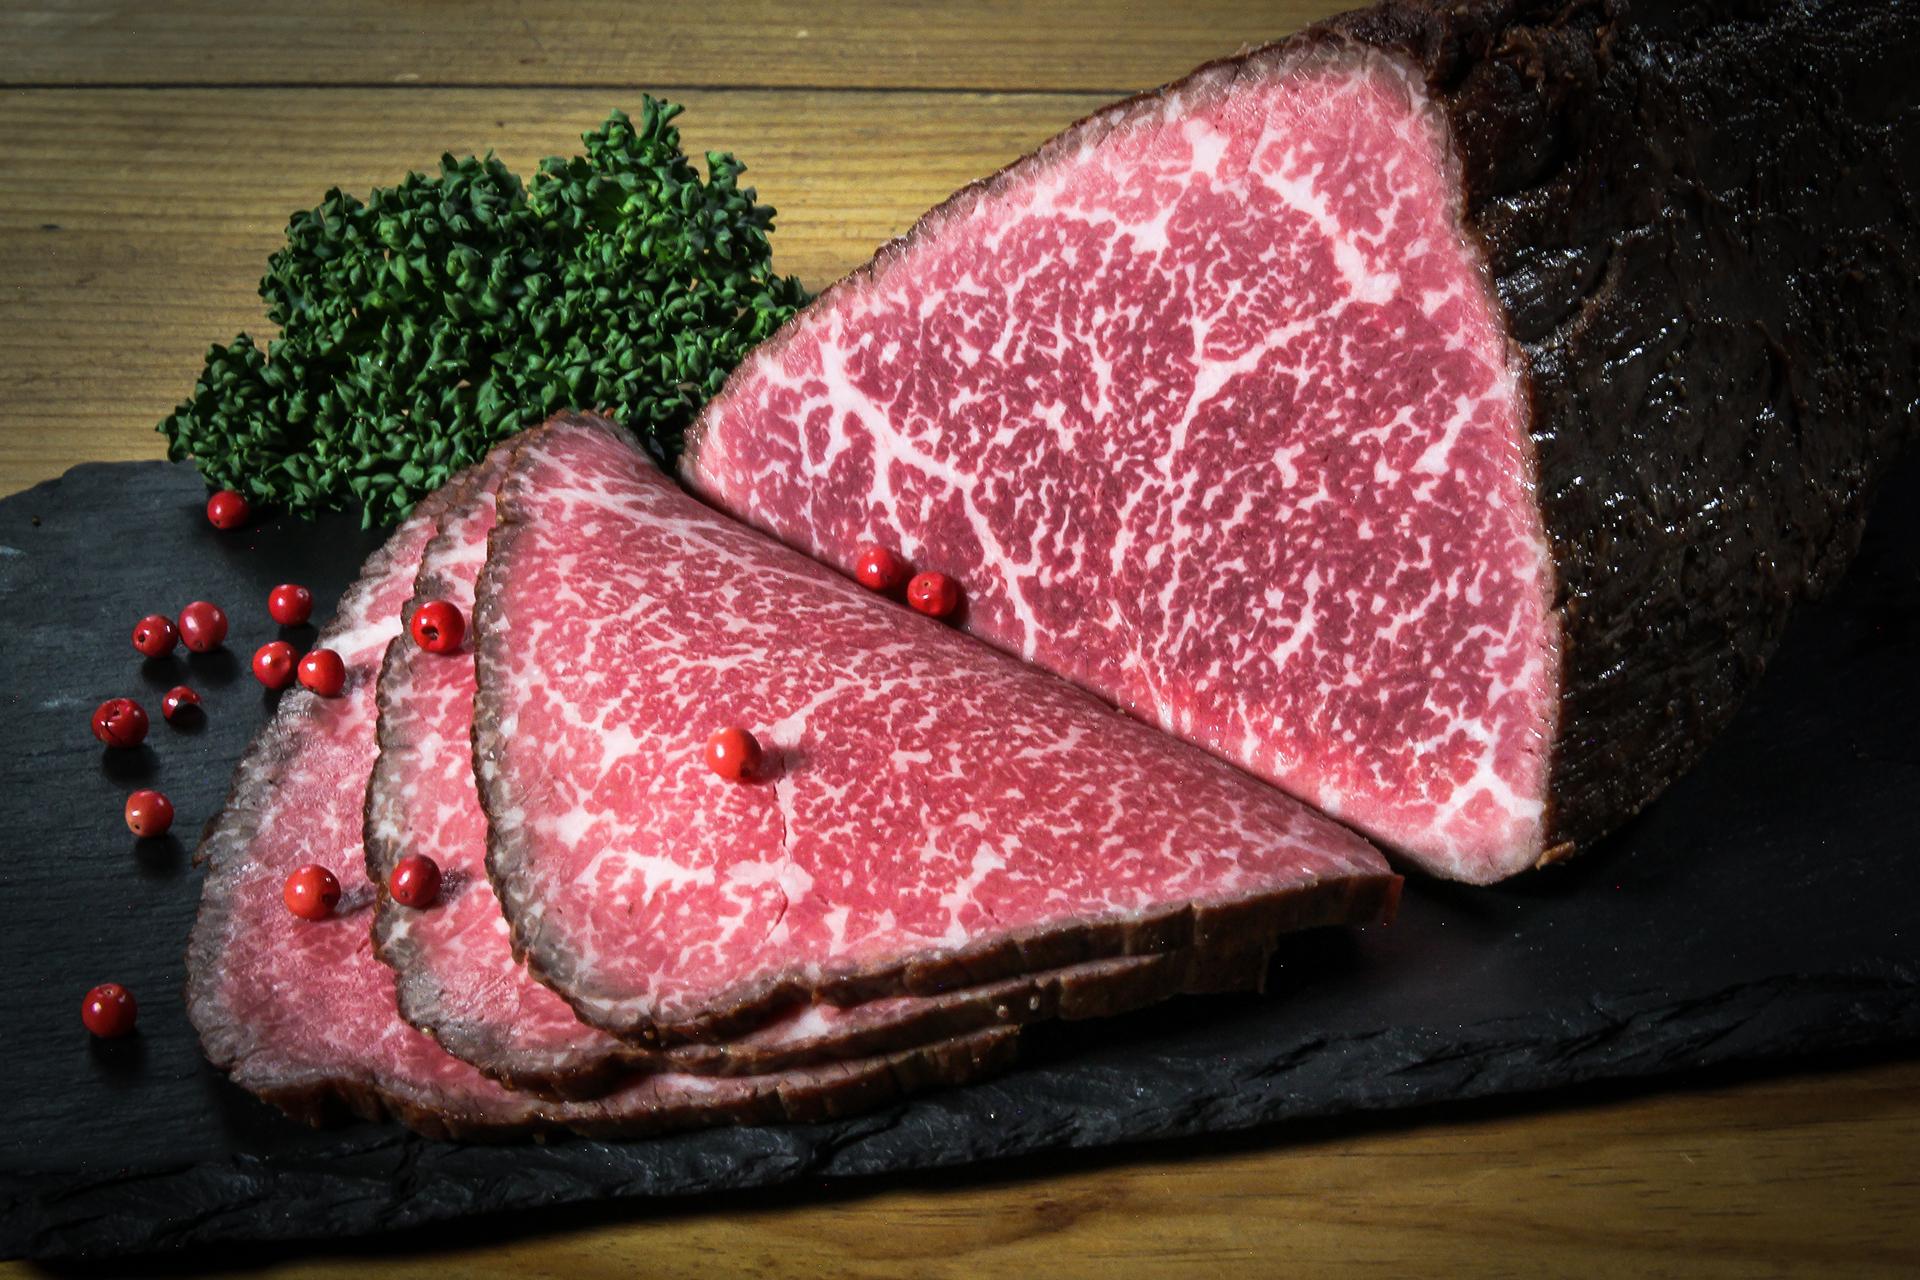 おおいた和牛 もも肉のうまみ溢れるローストビーフ300g/個 ※特製ローストビーフのたれ付